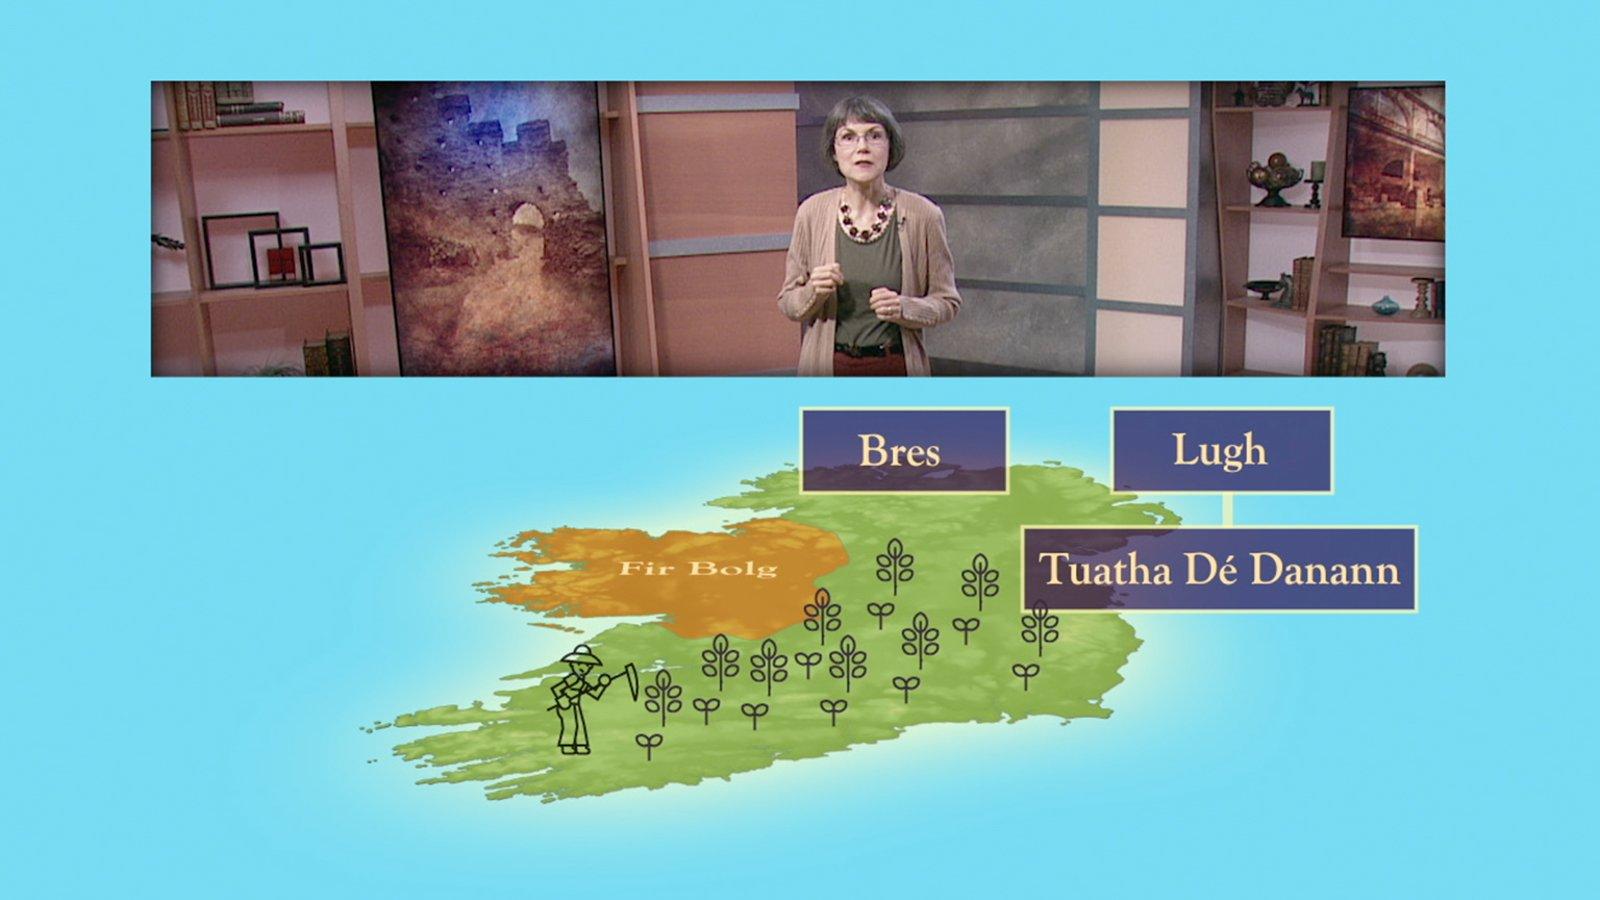 Medieval Irish Literature